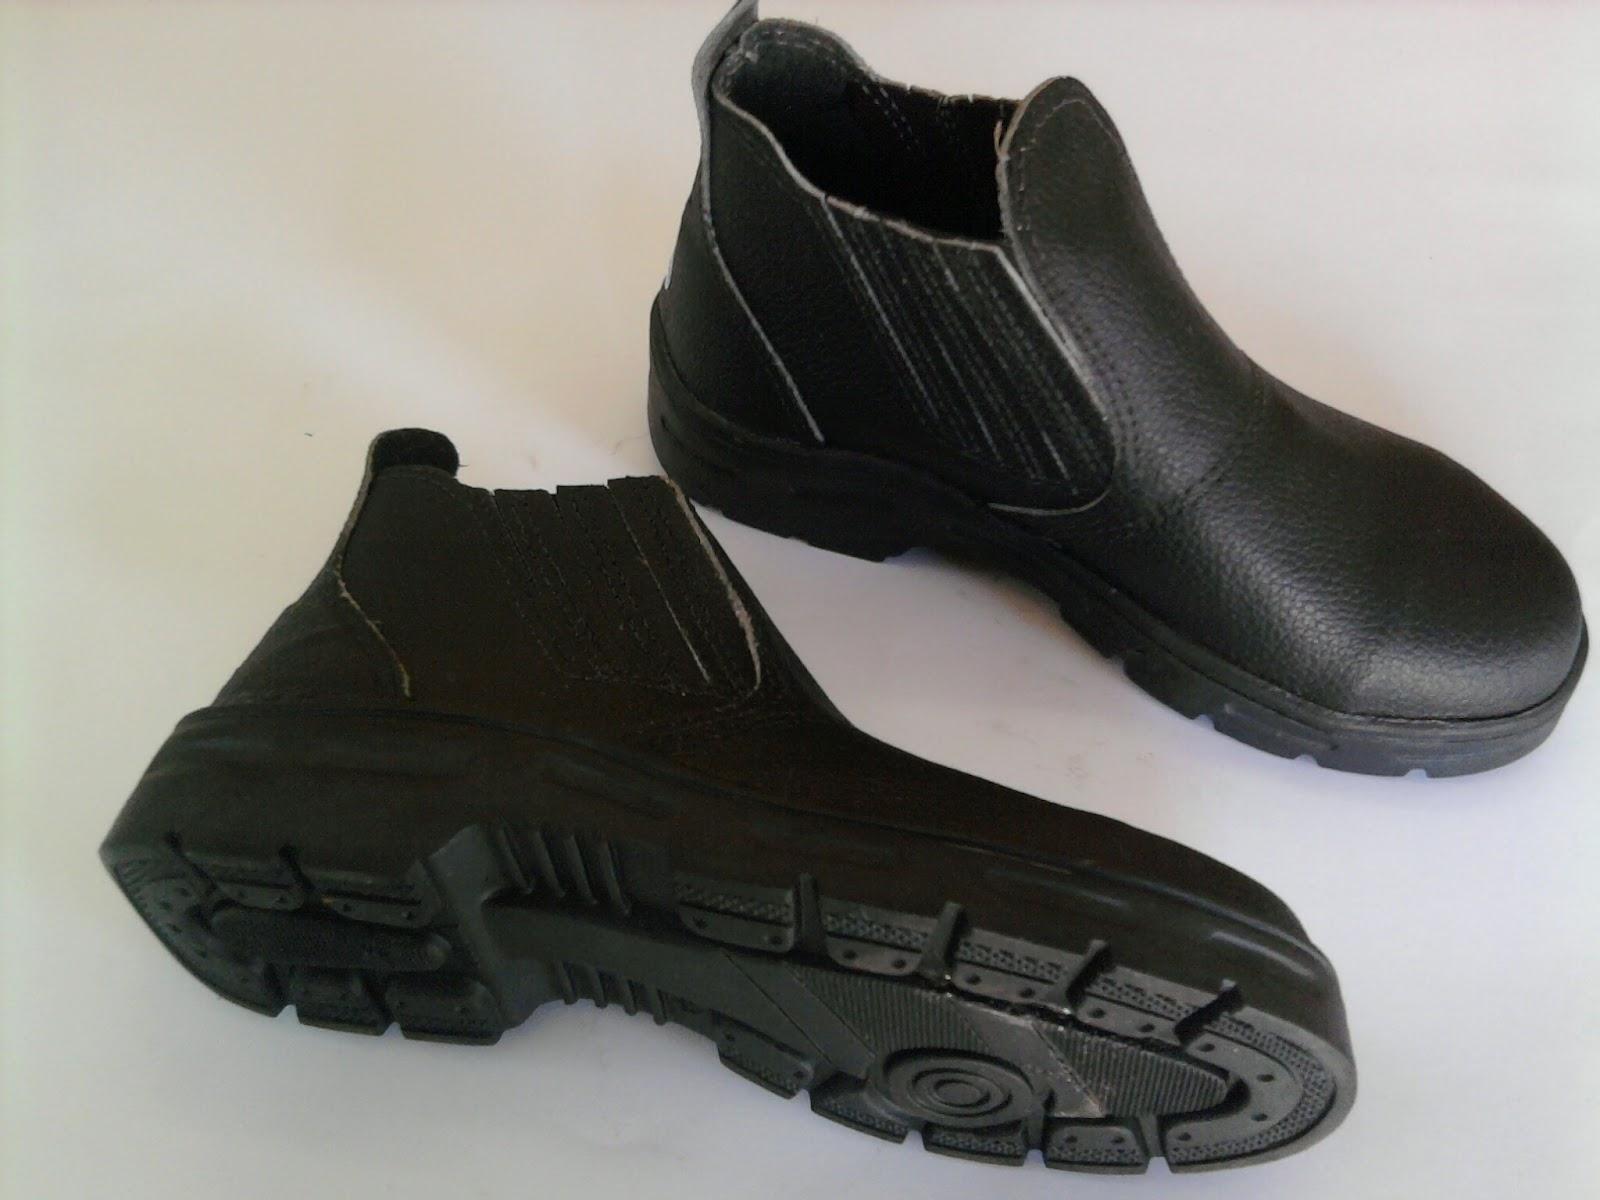 Botina Com Bico De Aço Sapatos Masculinos no Mercado Livre Brasil 0564c2e6f0